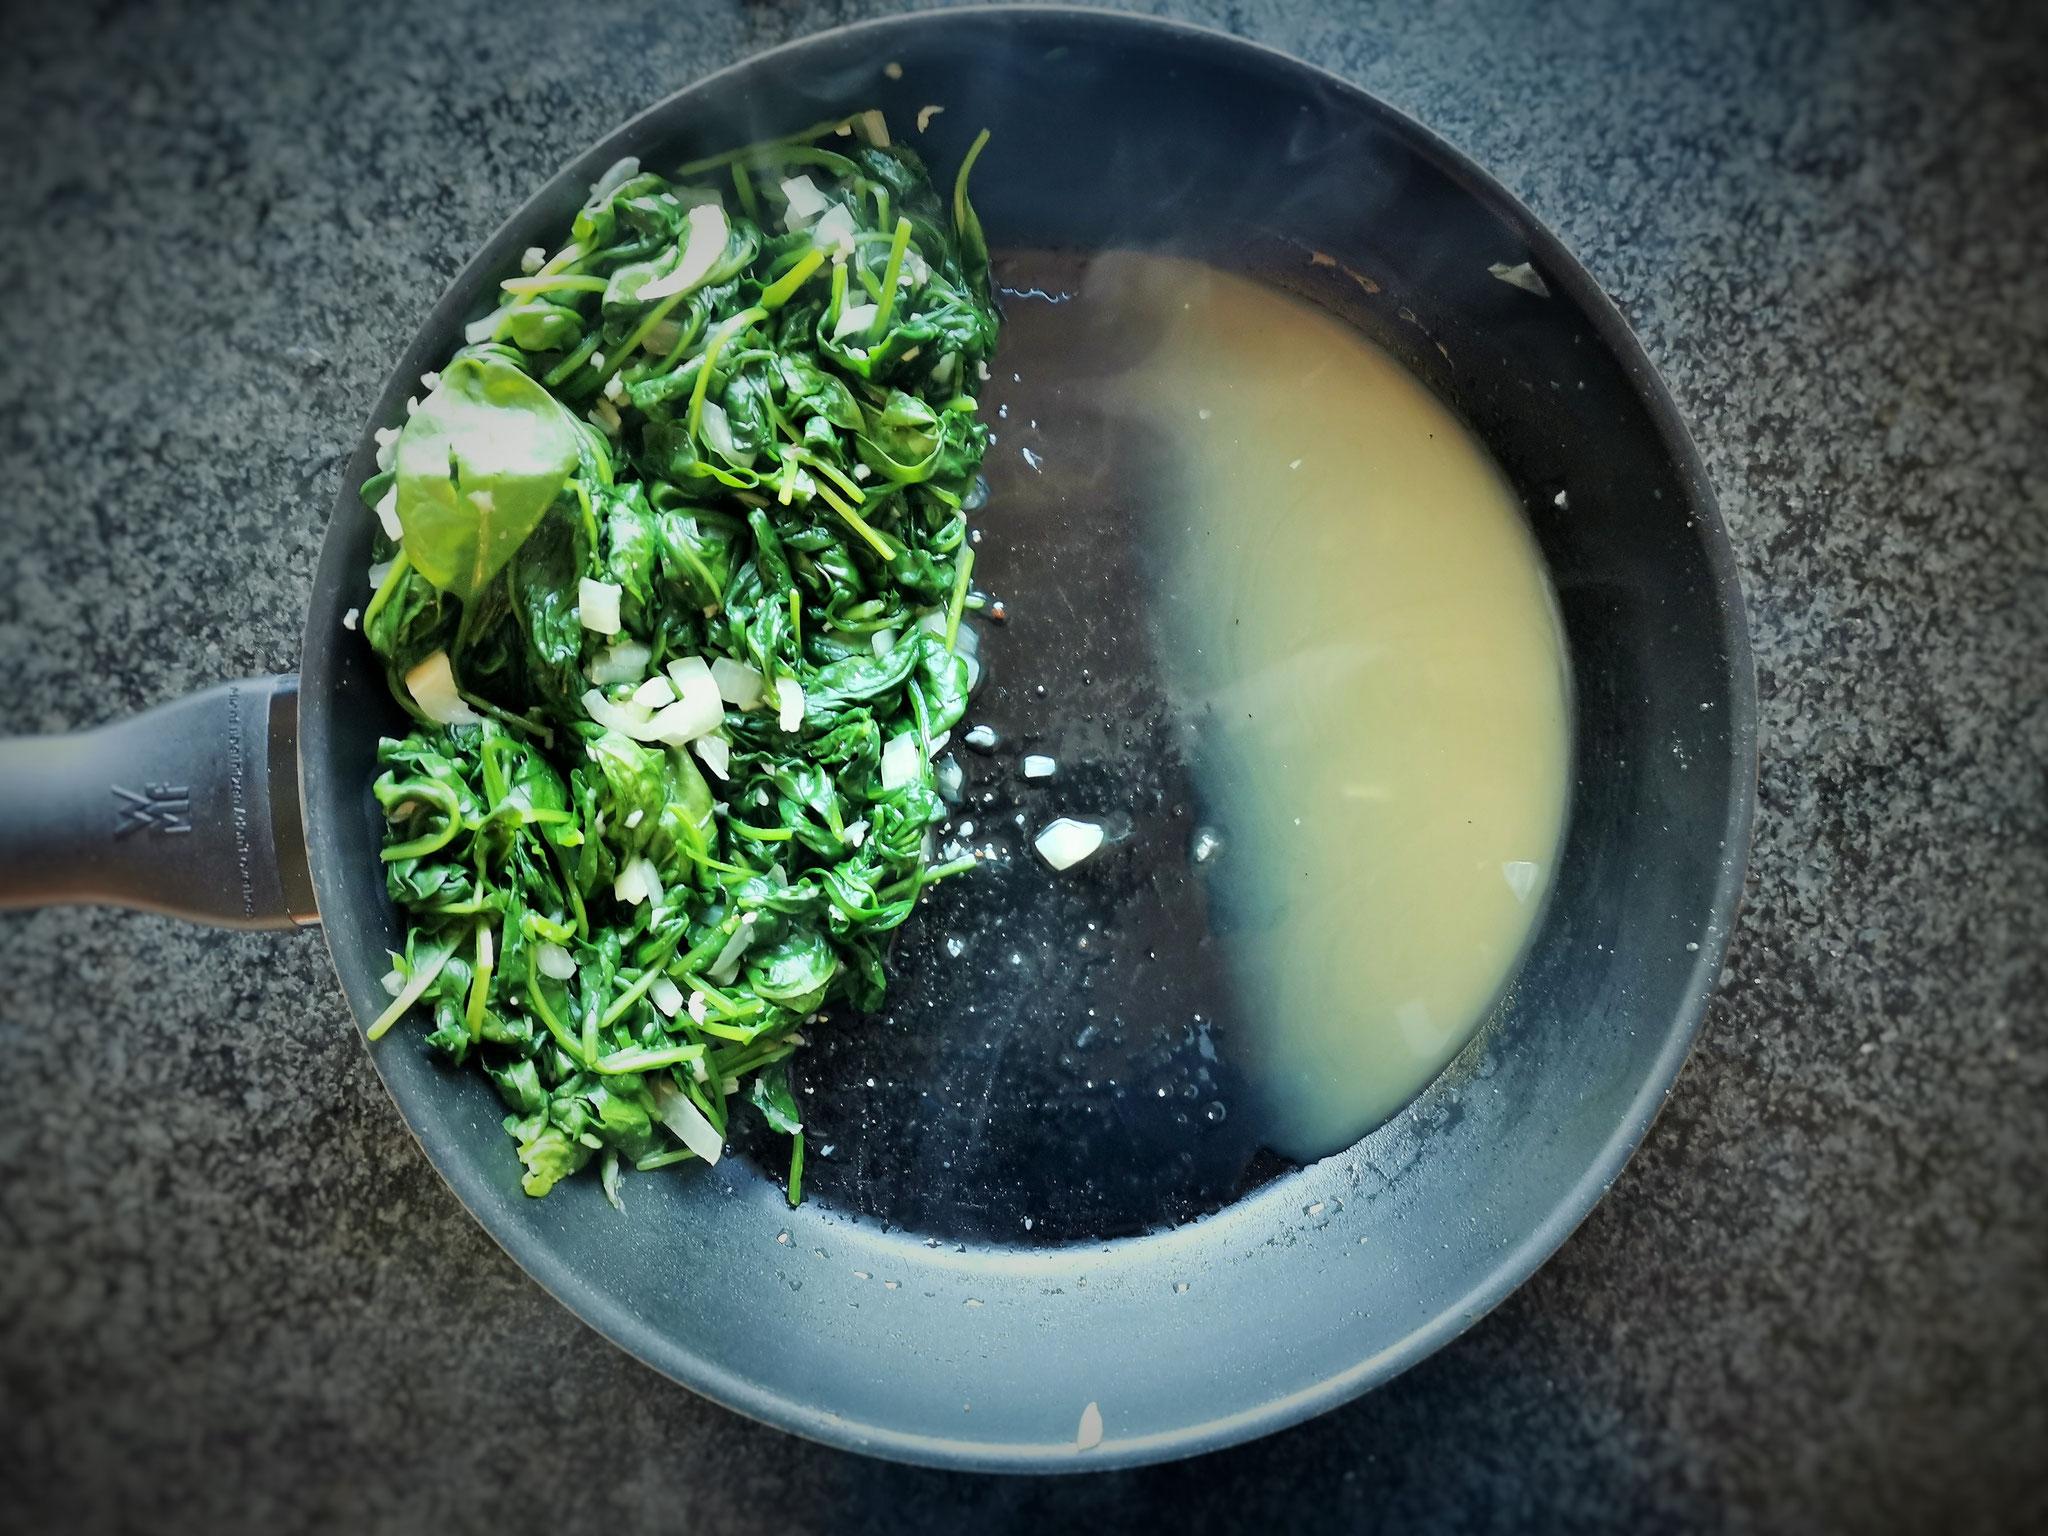 Spinat mit dem Kochlöffel etwas ausdrücken und evtl. überschüssige Flüssigkeit wegleeren